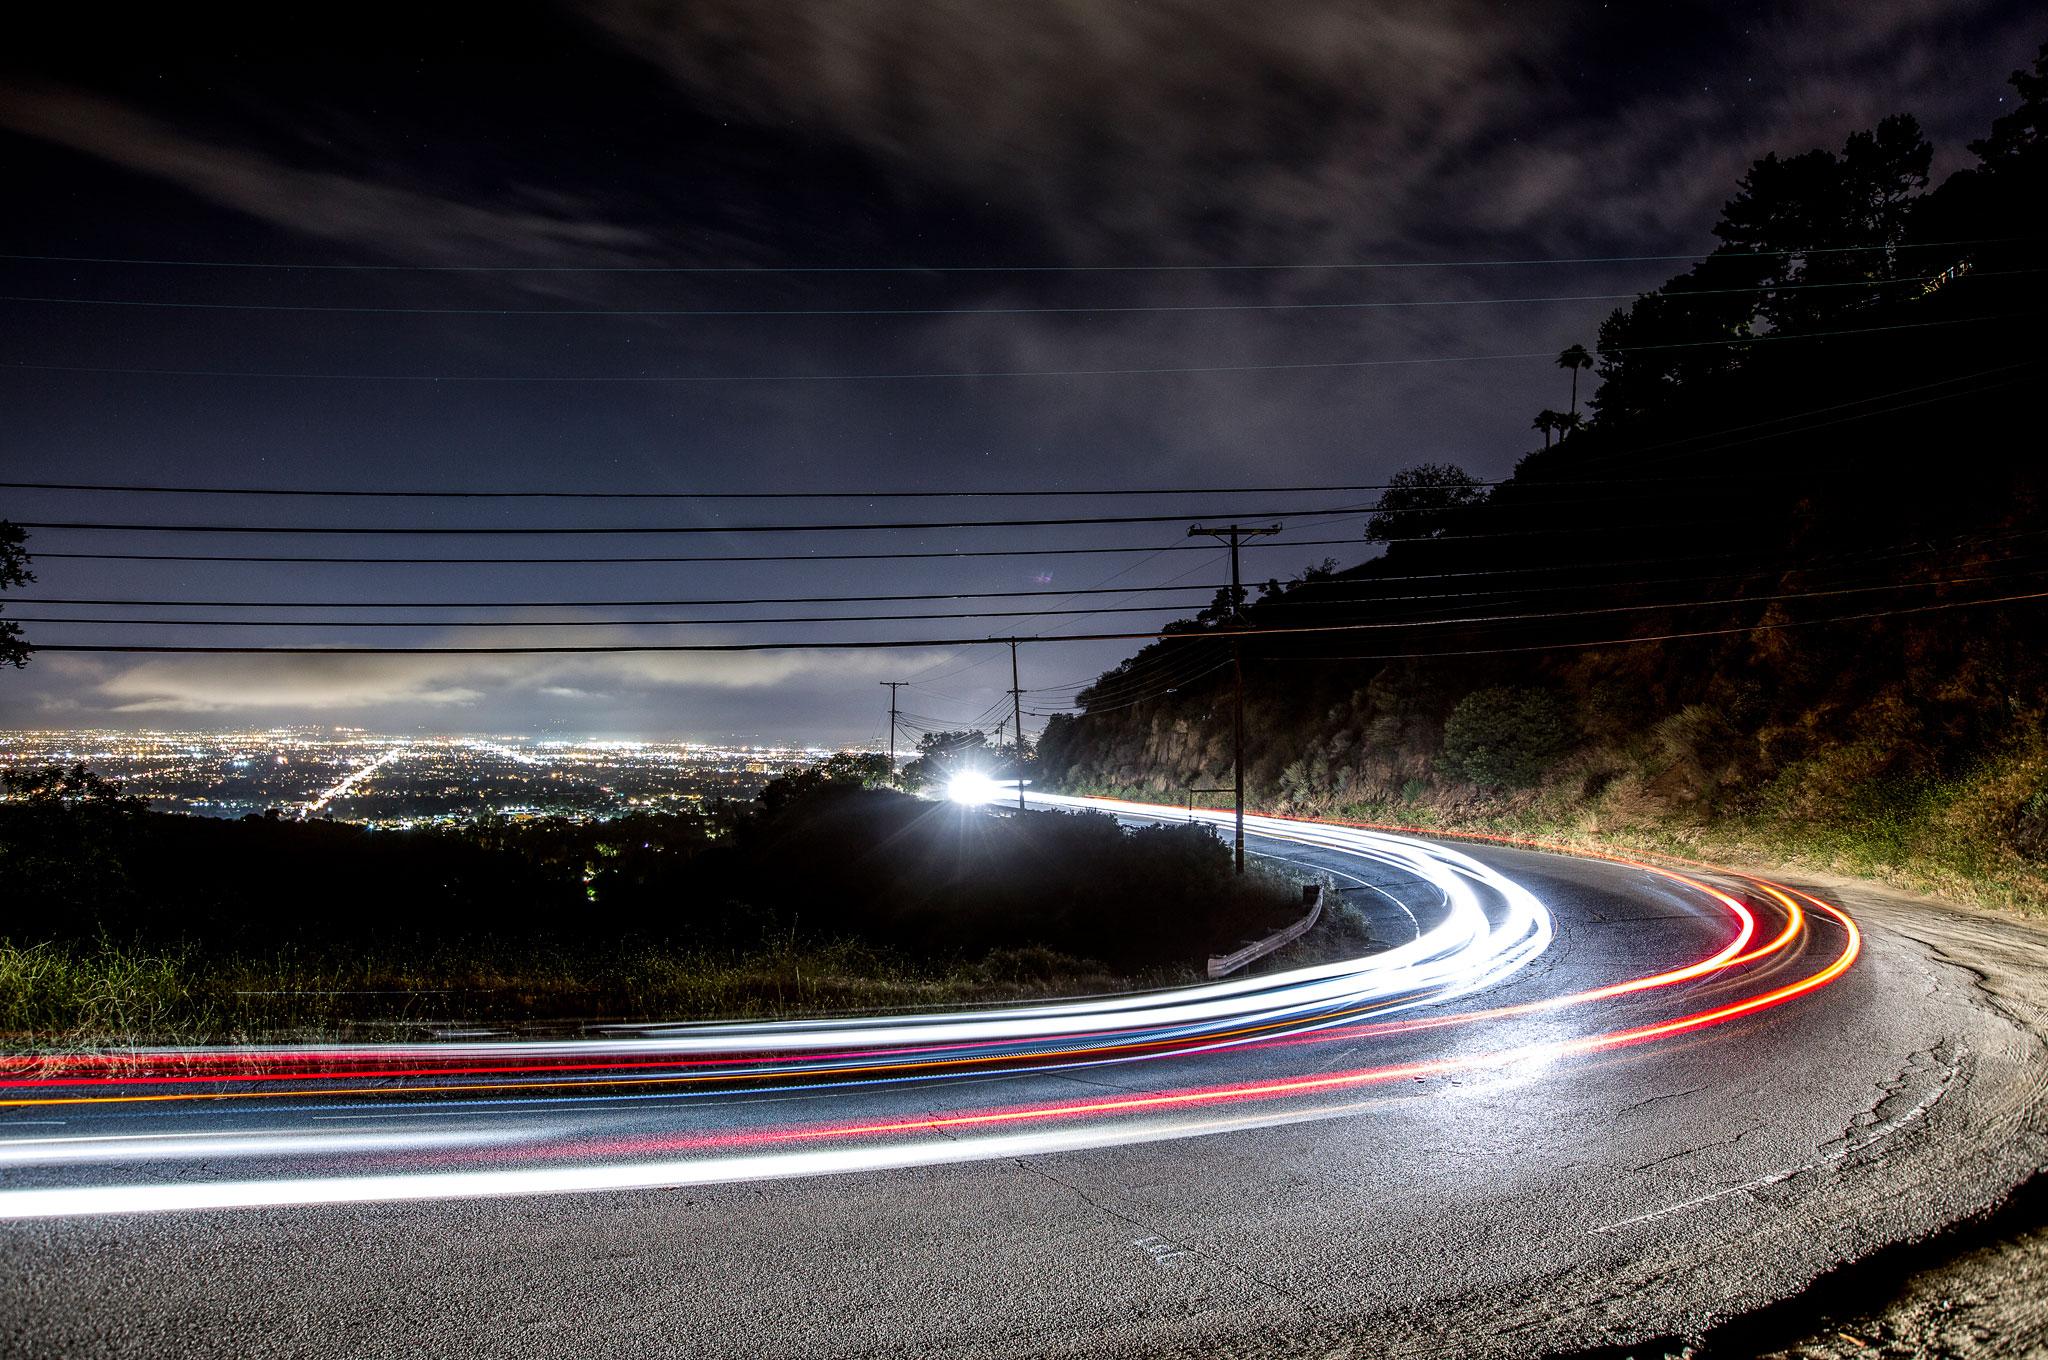 Porsche 911 Carrera S Lights1